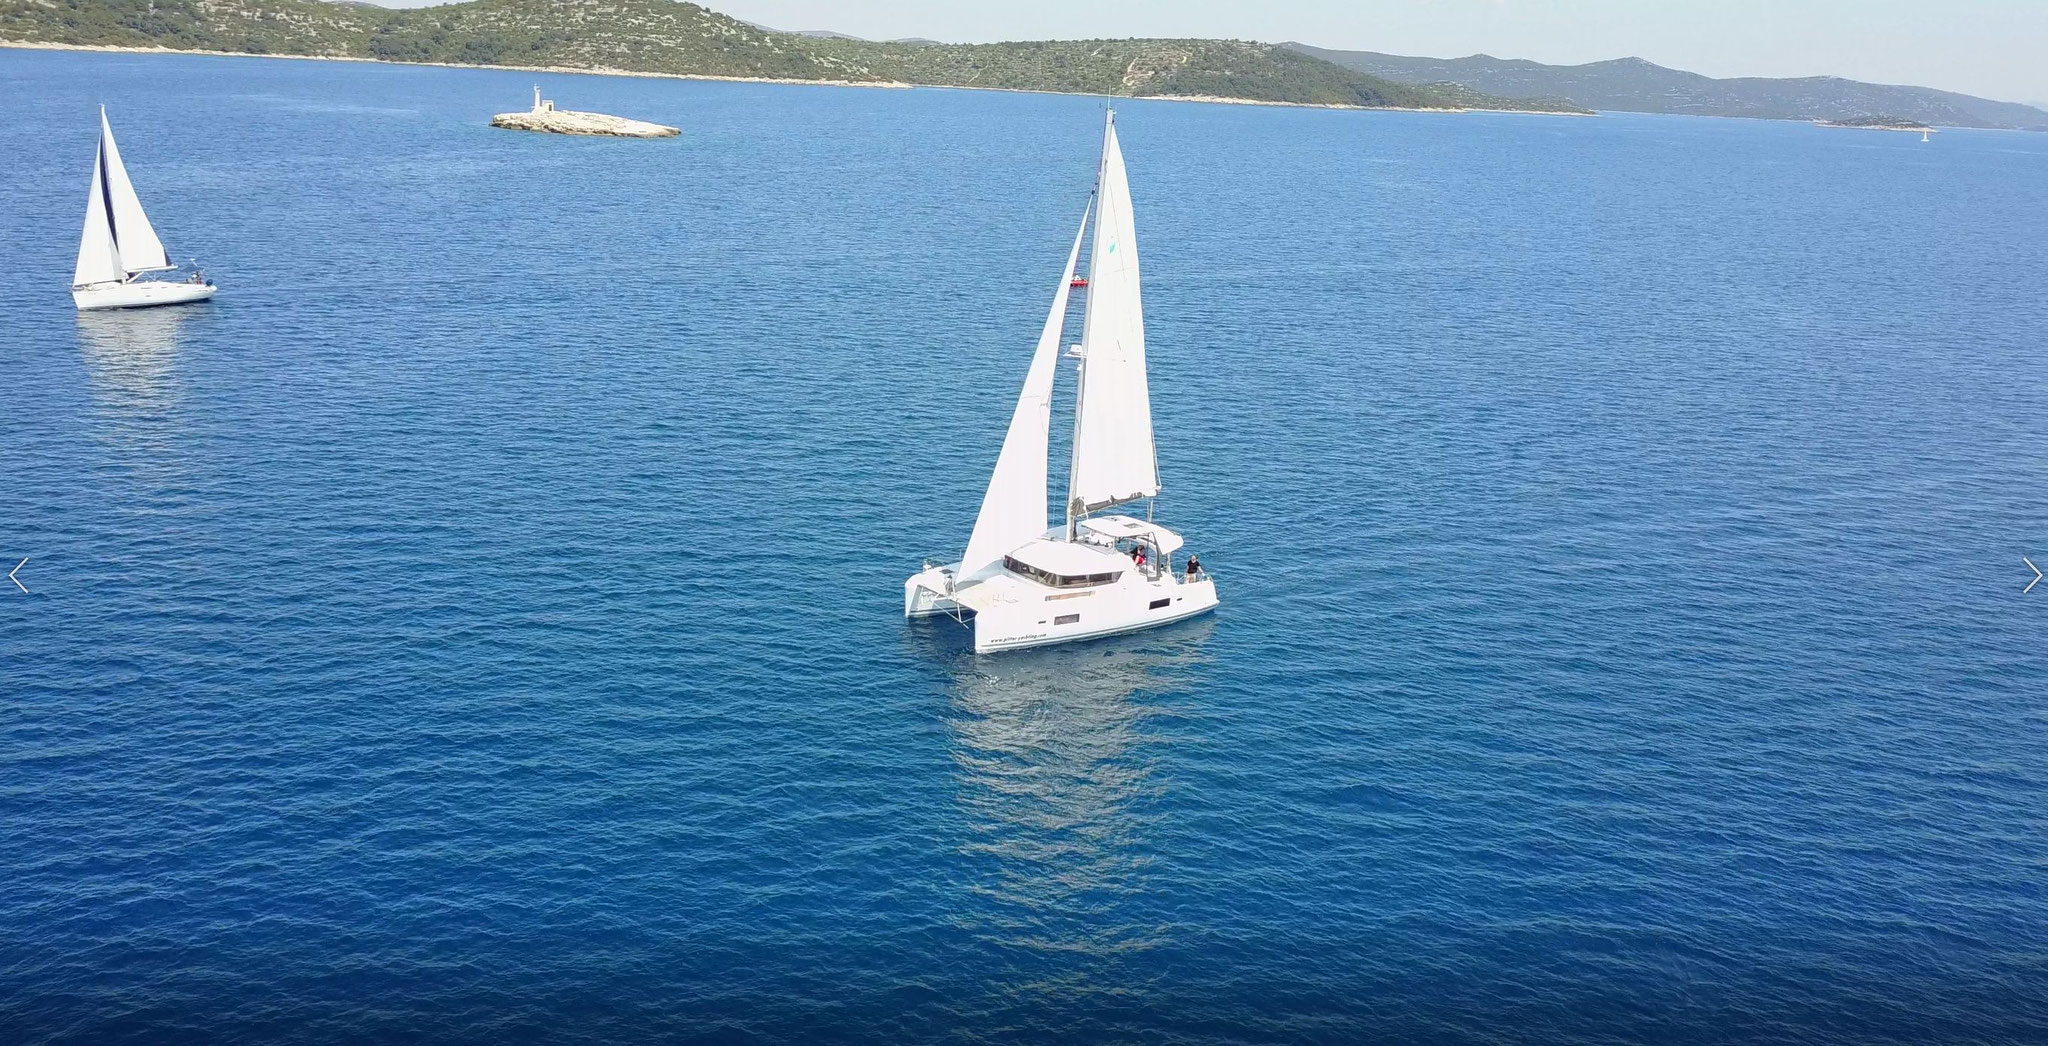 Katamaran segeln als Hochseesegeln von Kroatien nach den Kanaren - www.katamaramtraum.com